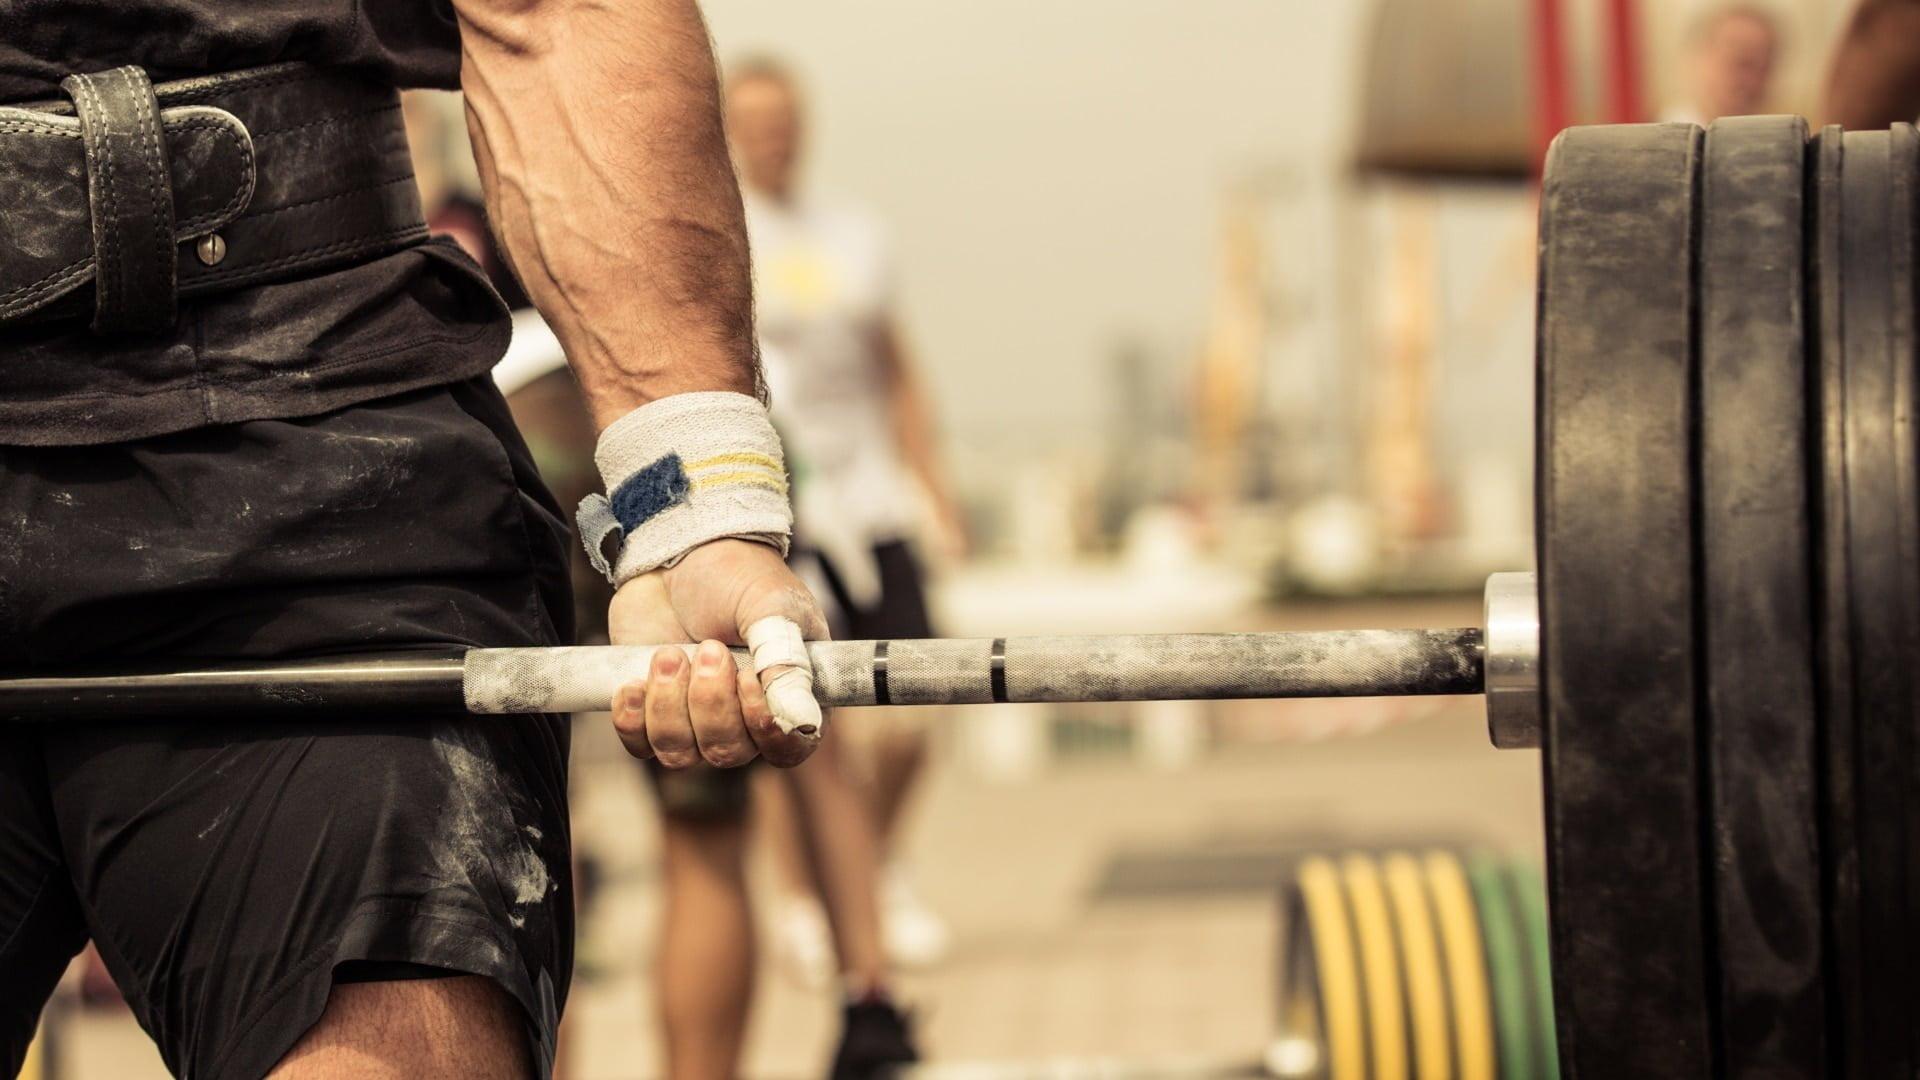 Framgång kräver hårt arbete